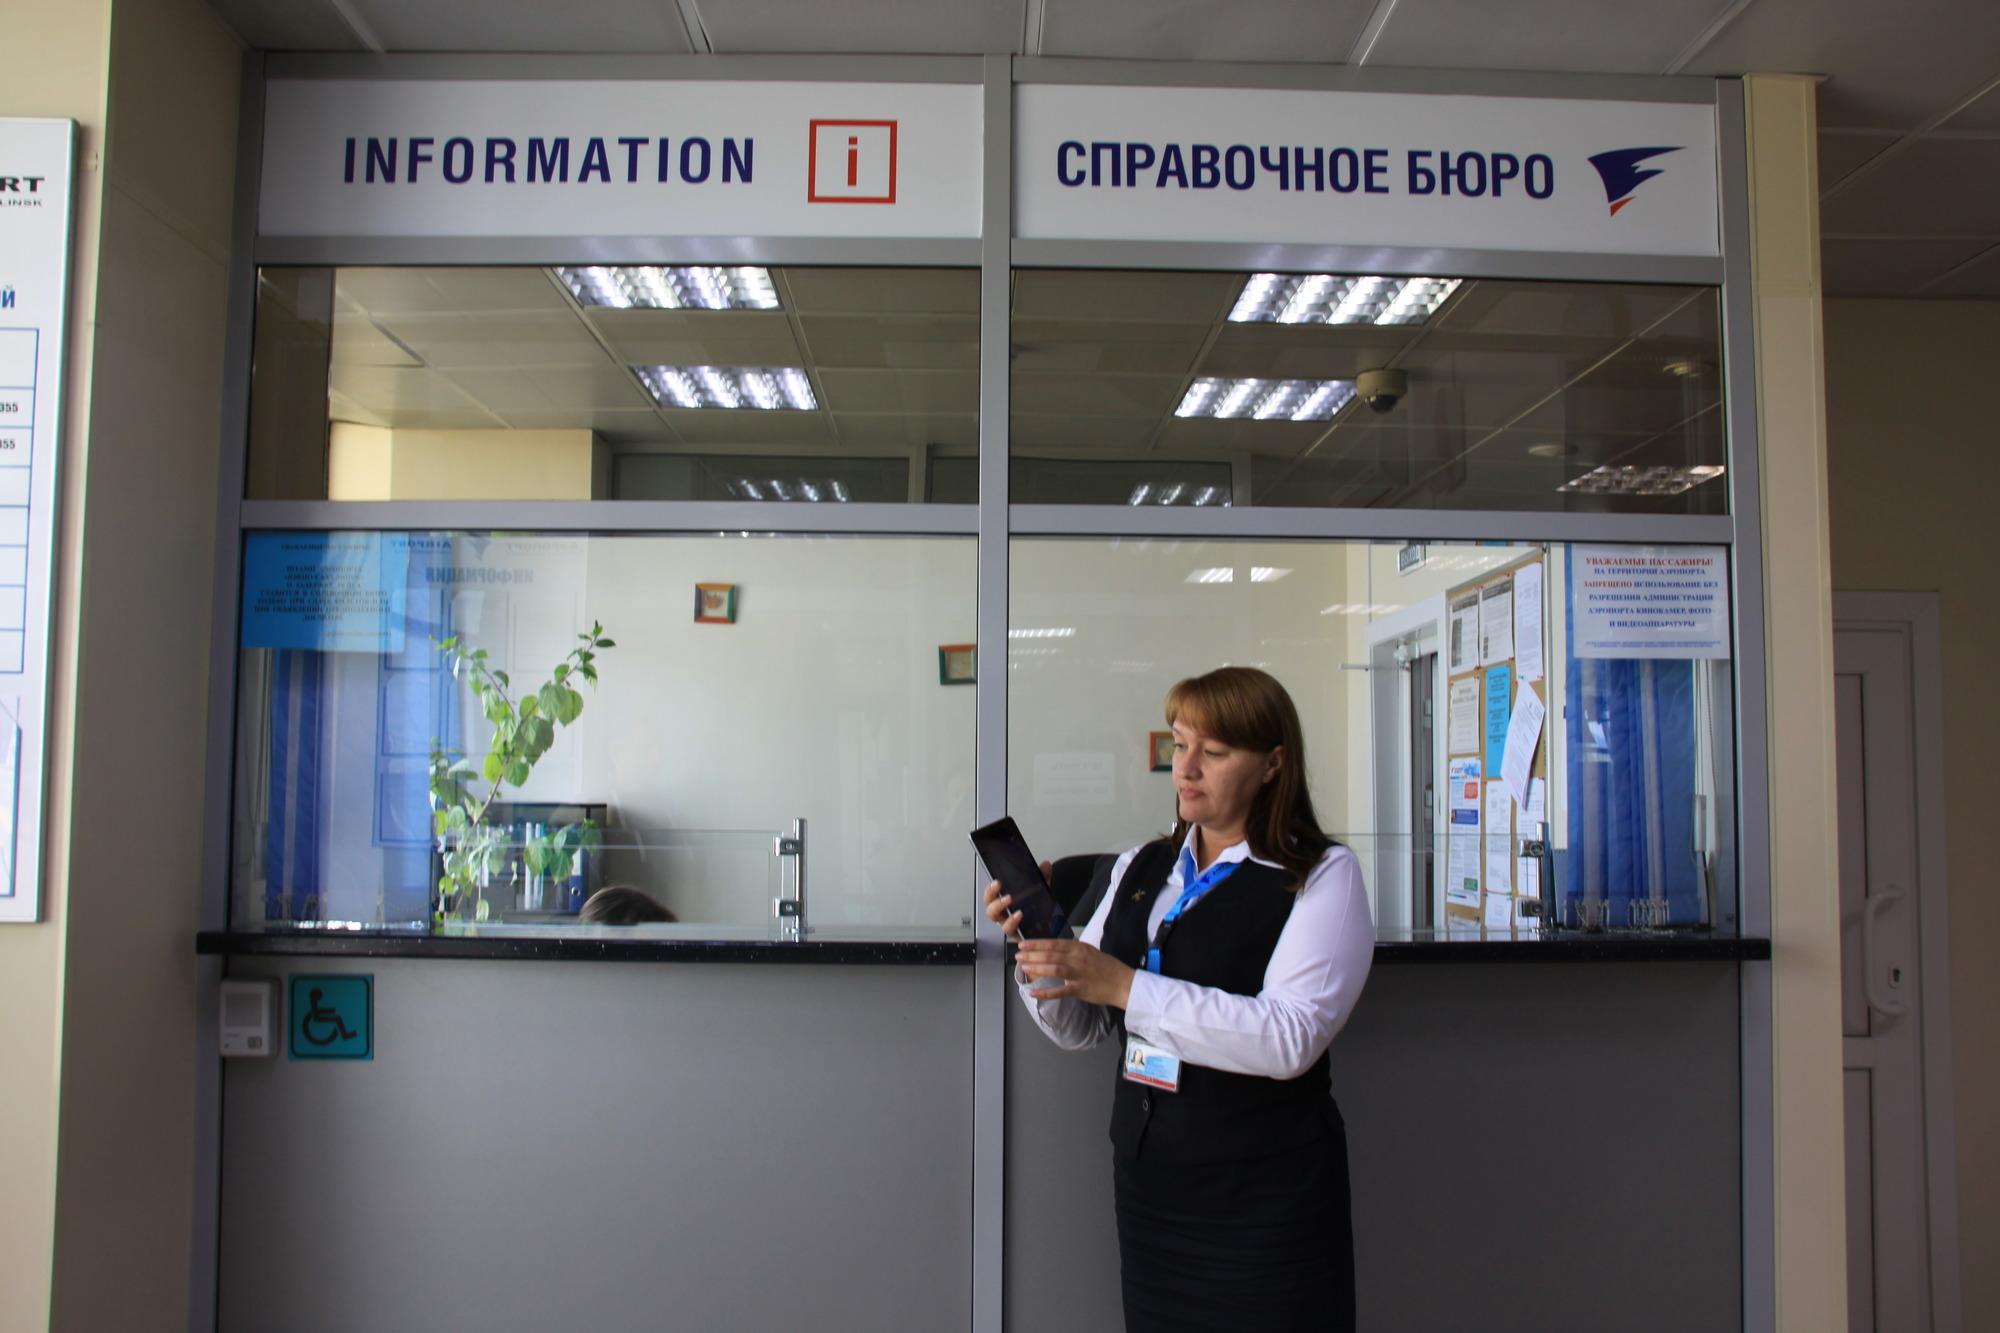 Работа онлайн южно сахалинск вакансии работы для девушек без образования